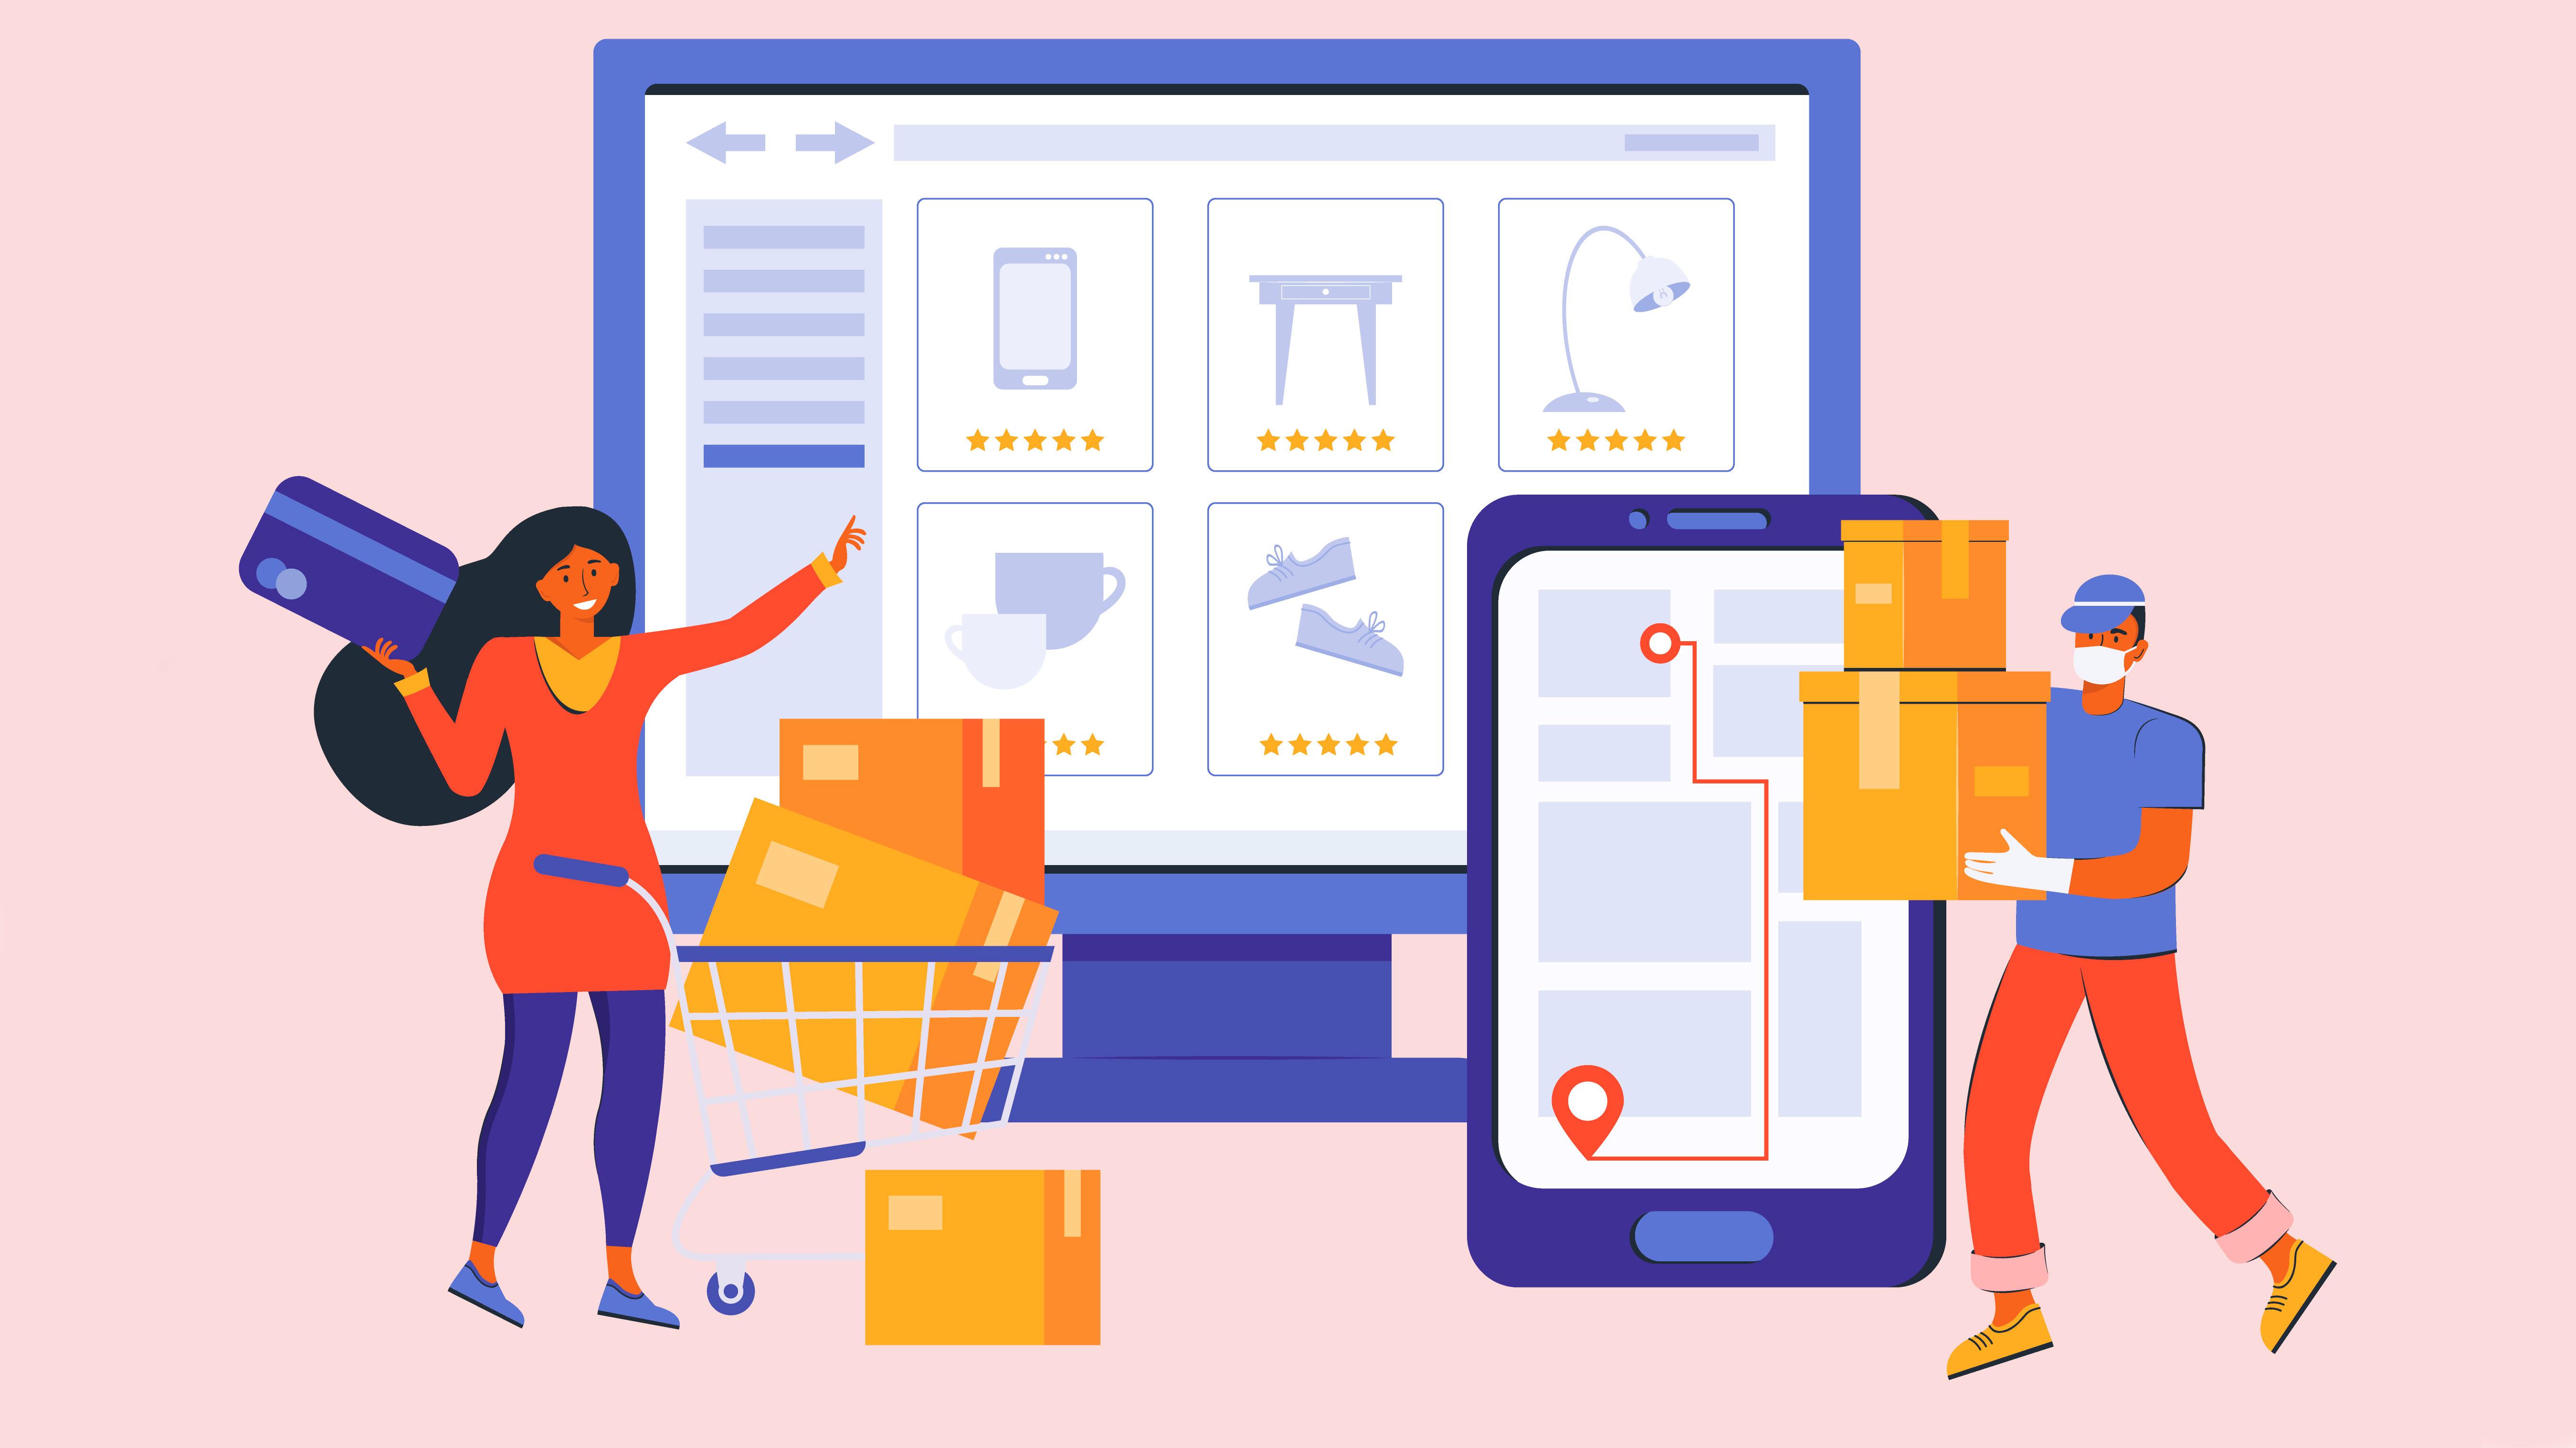 """<p><span style=""""color: rgb(0, 0, 0);"""">Retailers vs marketplaces: la competencia se aviva en el canal digital</span></p>"""